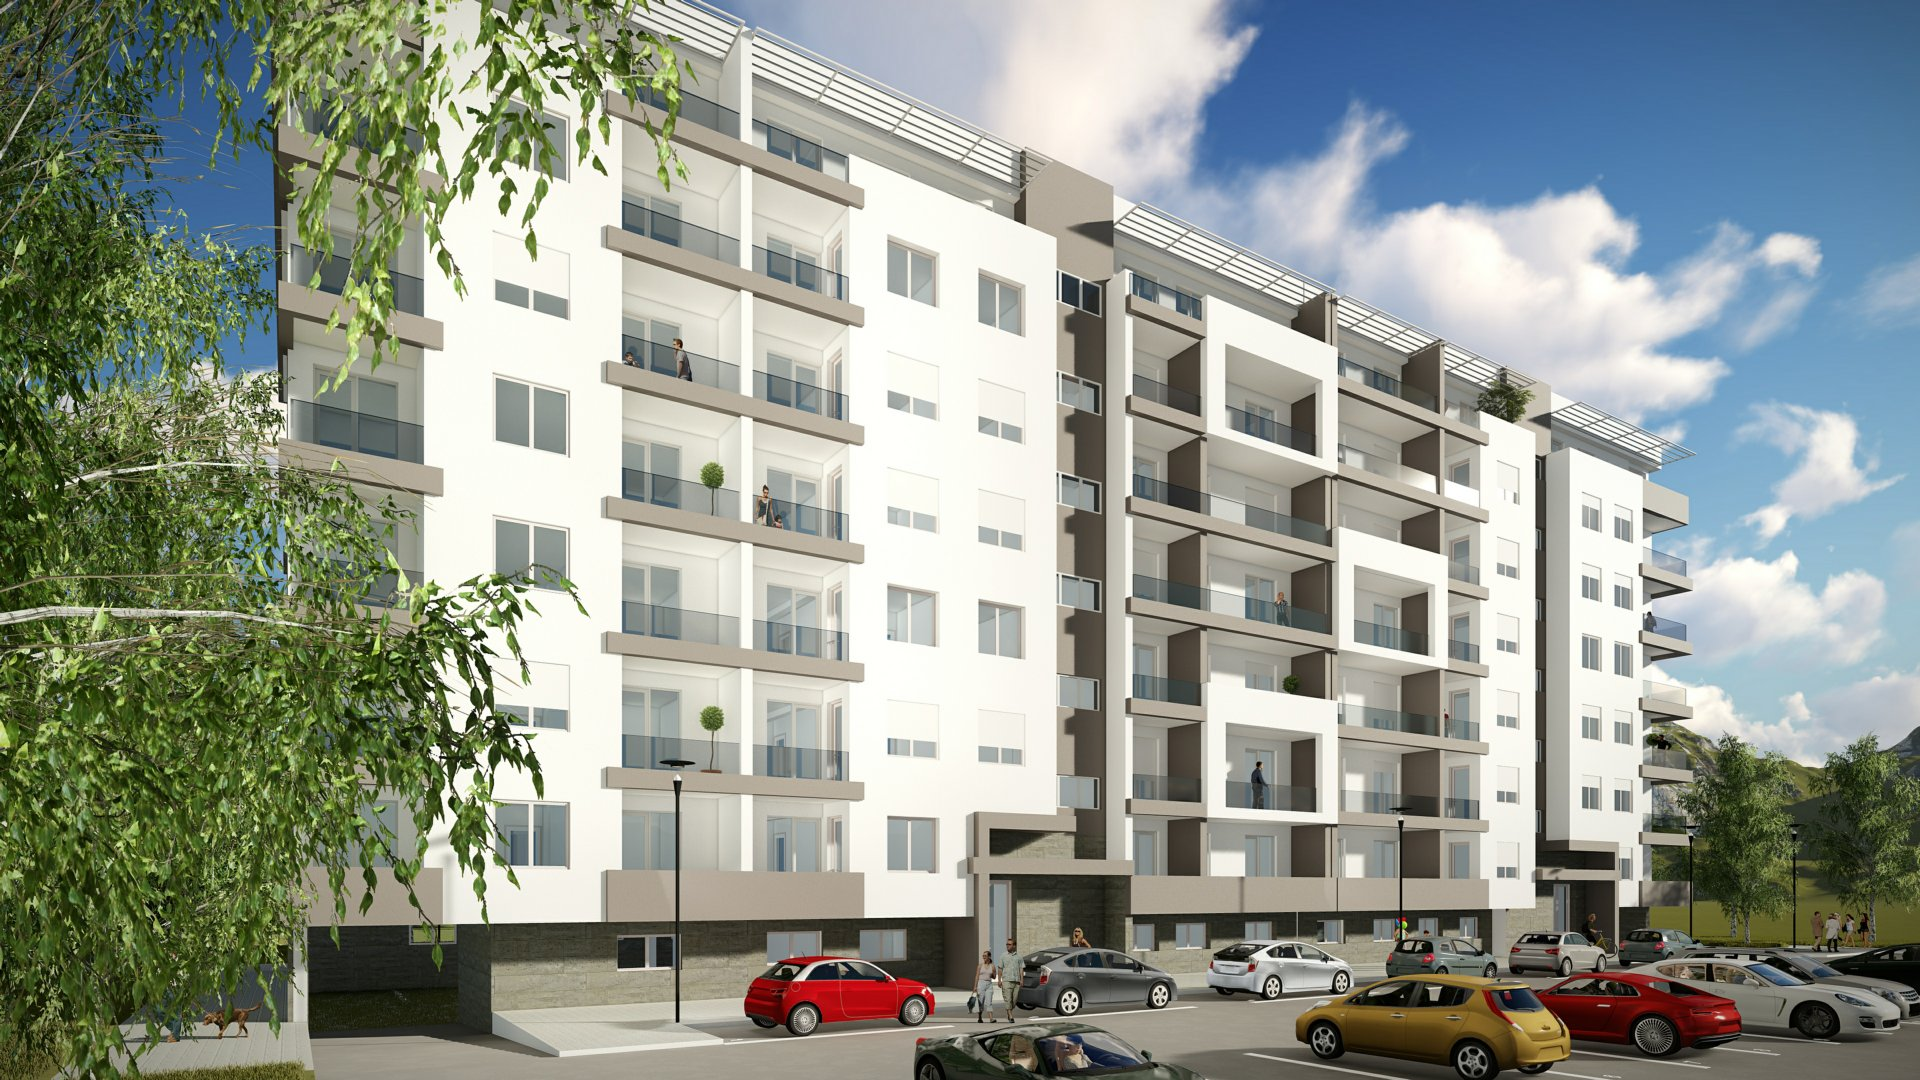 Ekspanzija izgradnje stanova u Trebinju – kompanija Helvetic gradi 115 stanova